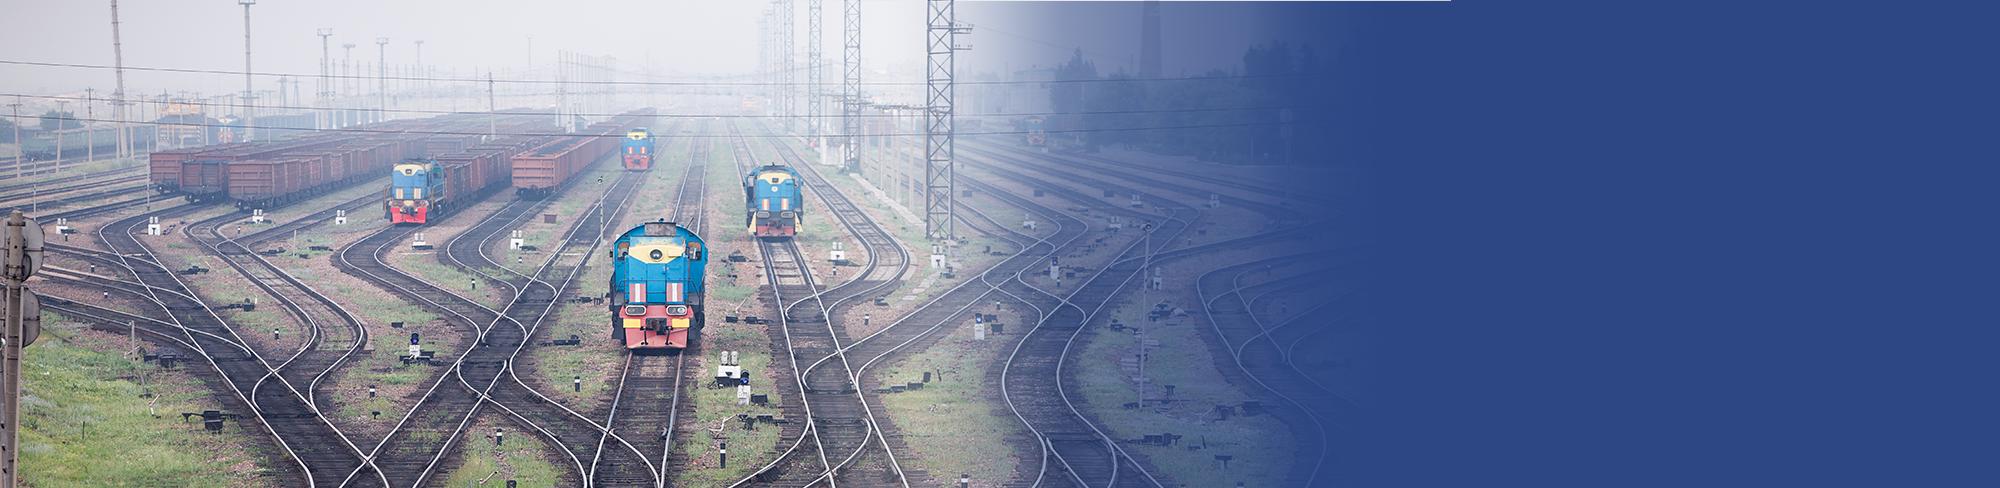 Rail Shipping Header Image.png